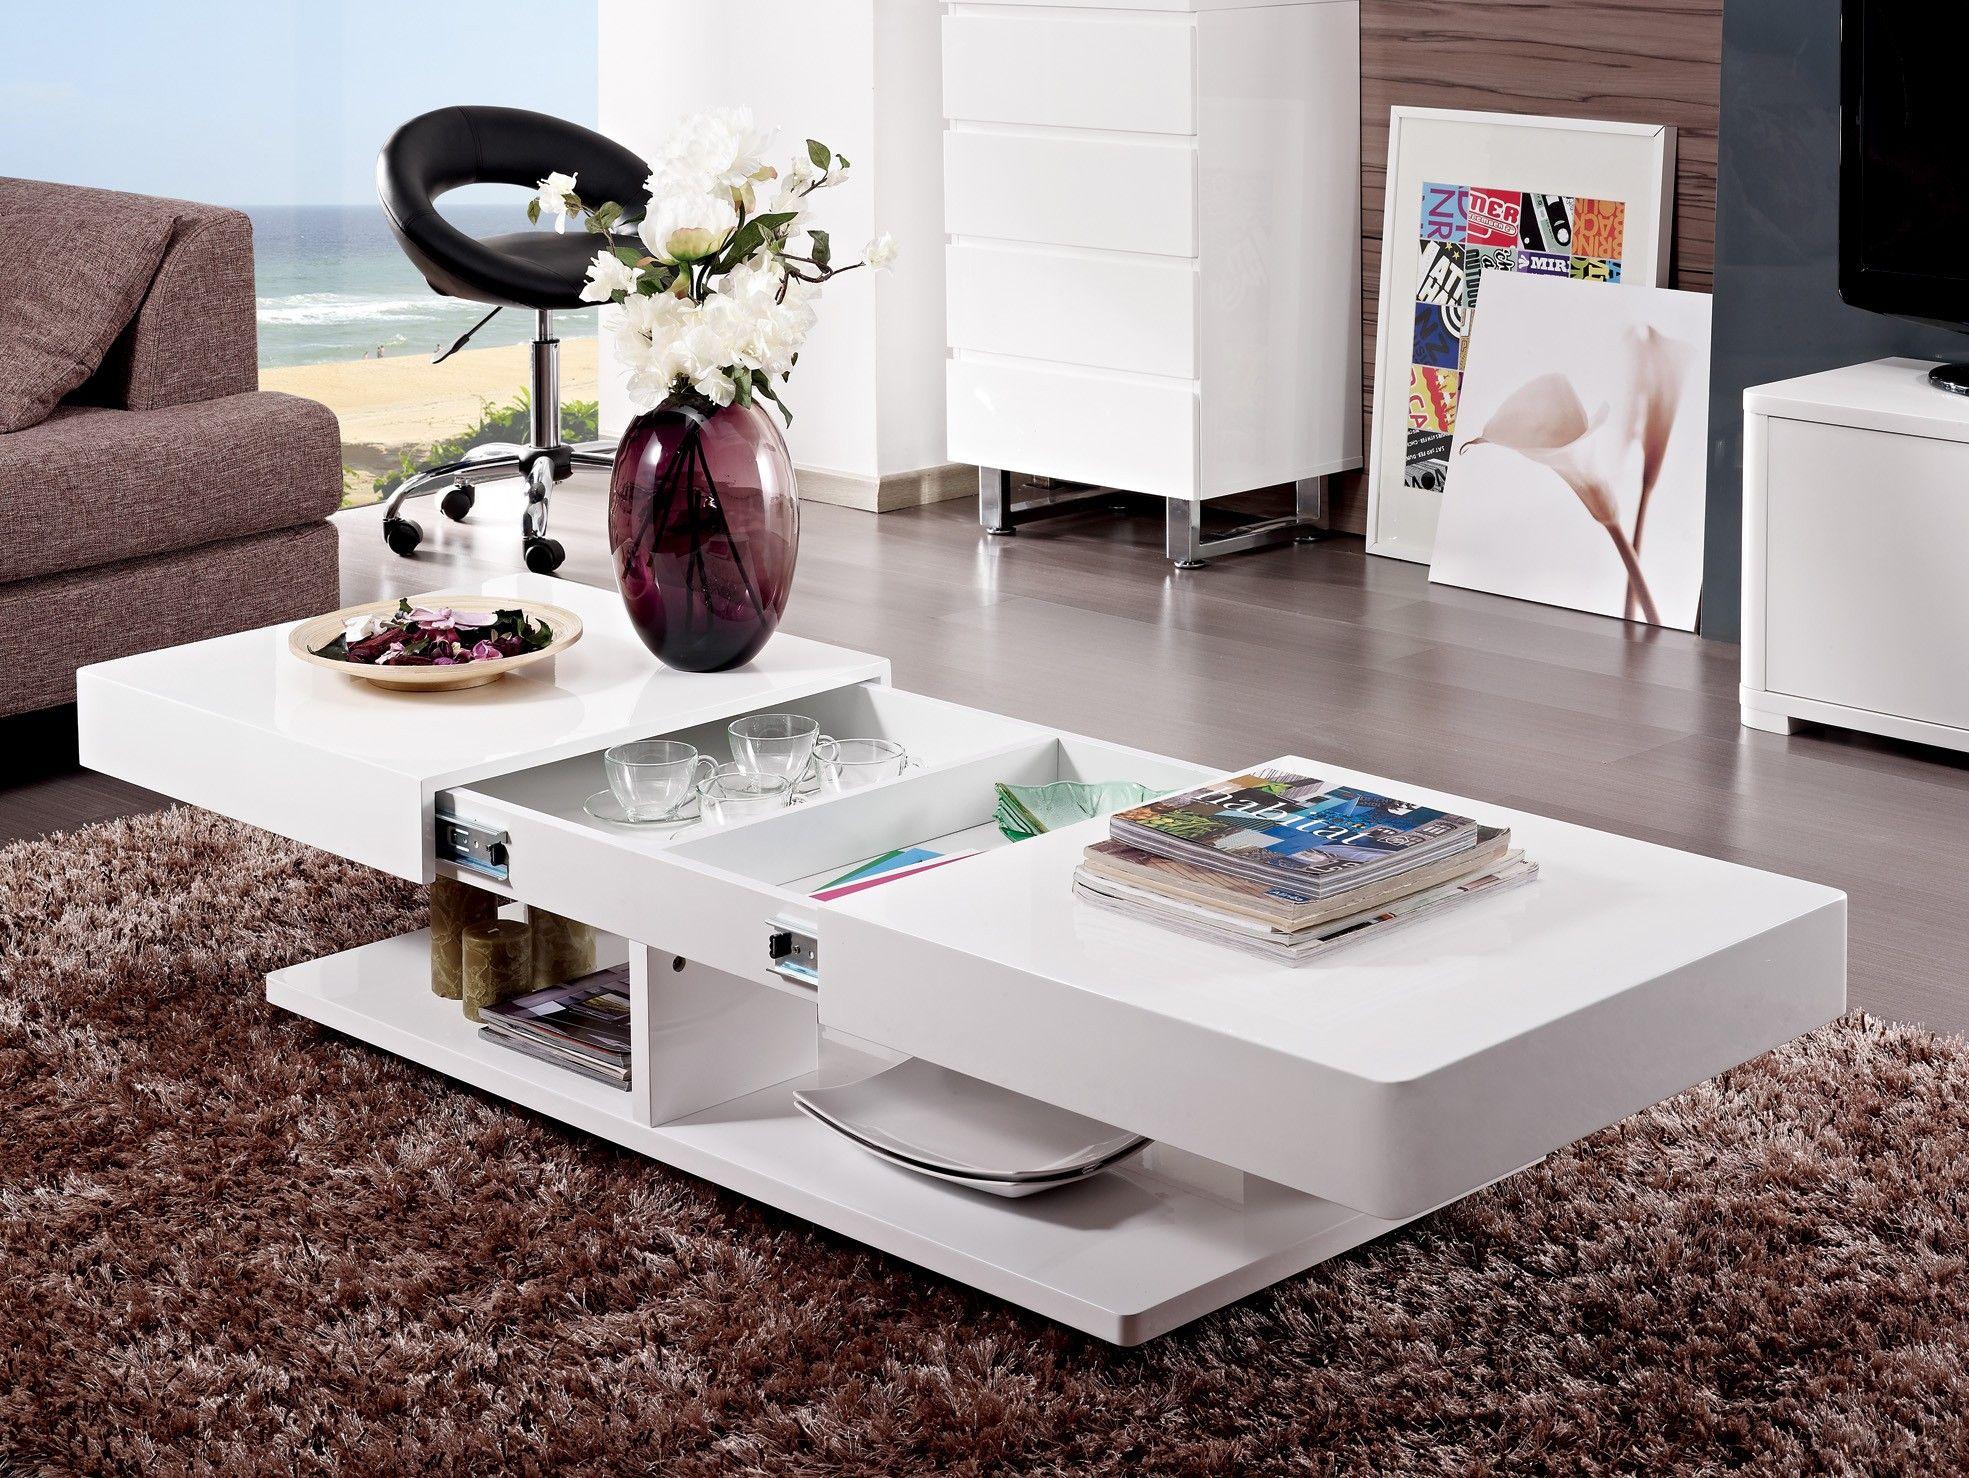 table basse design blanc laqu avec rangements et plateaux coulissants eva maison